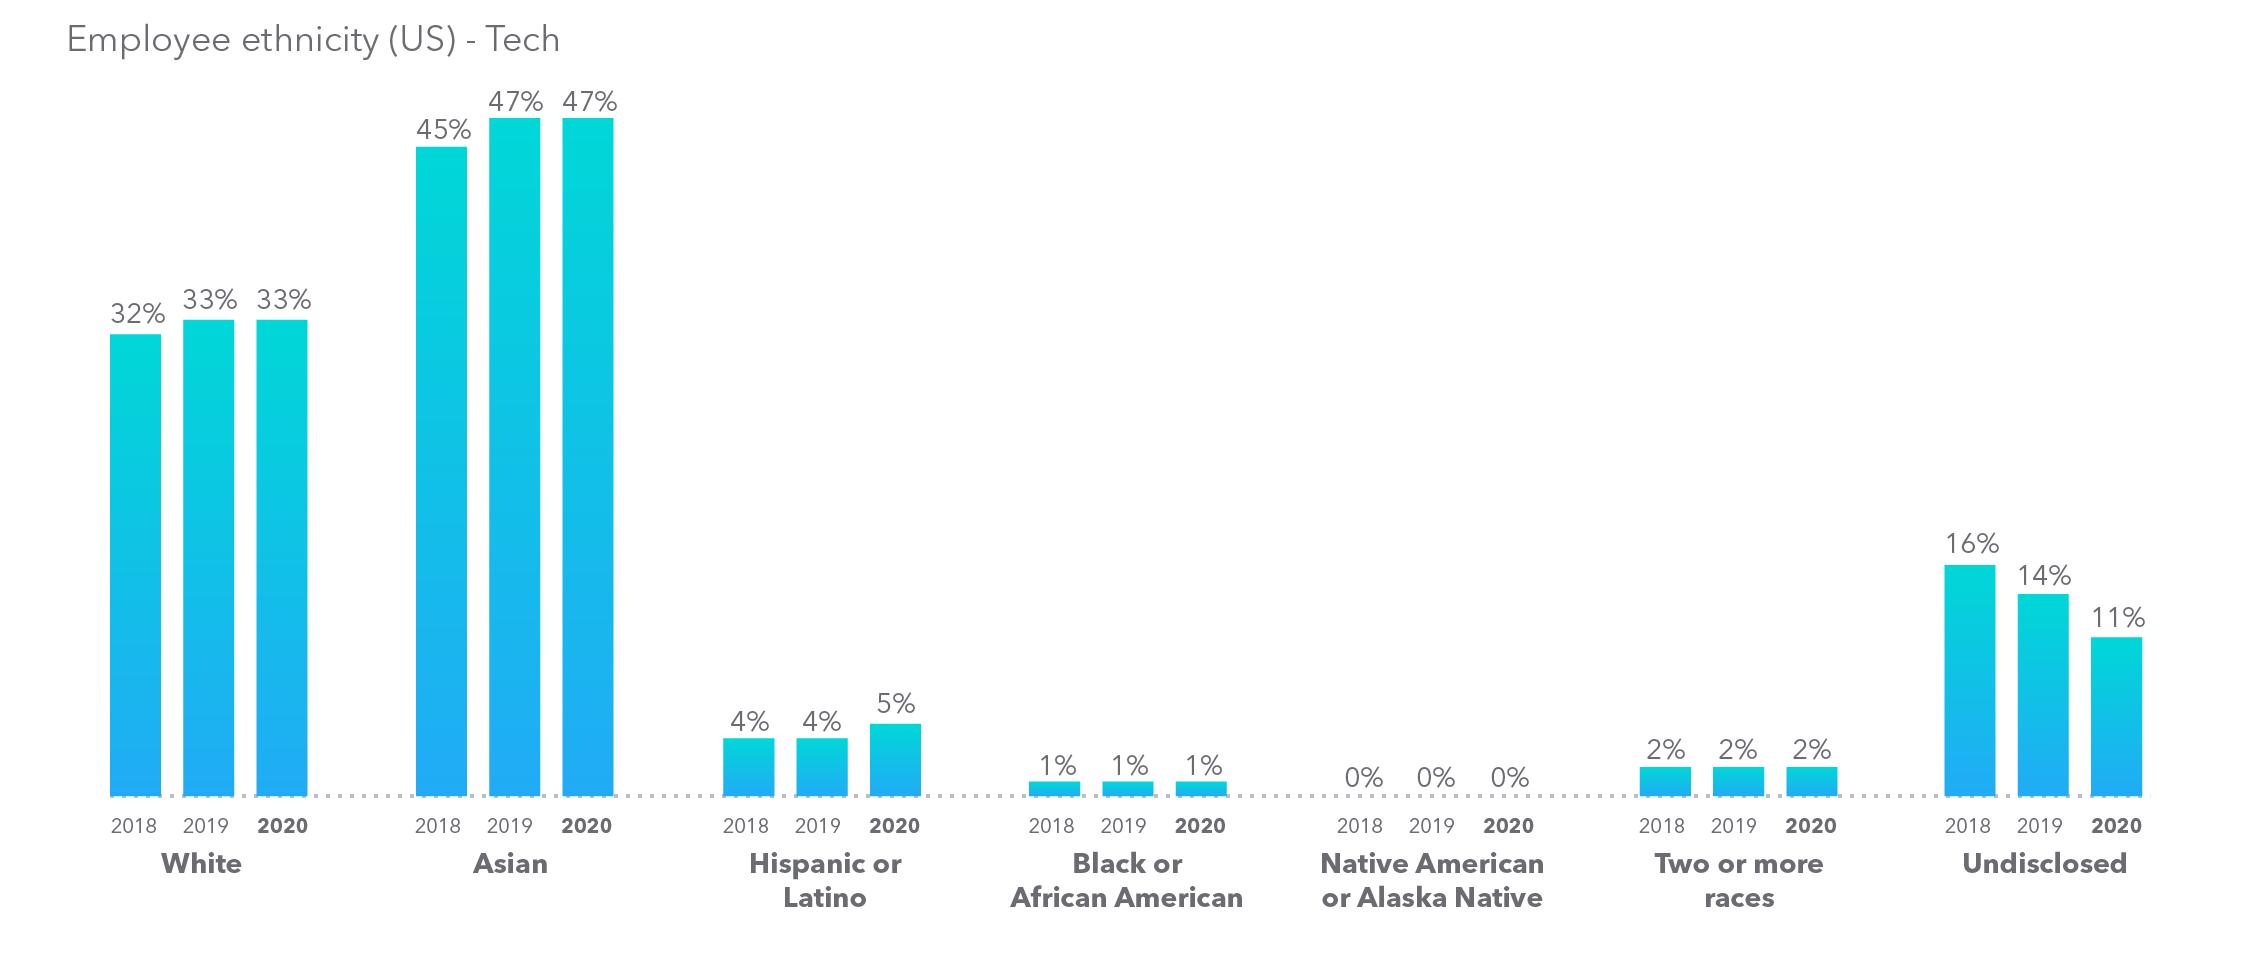 Intuit - Global employee ethnicity data